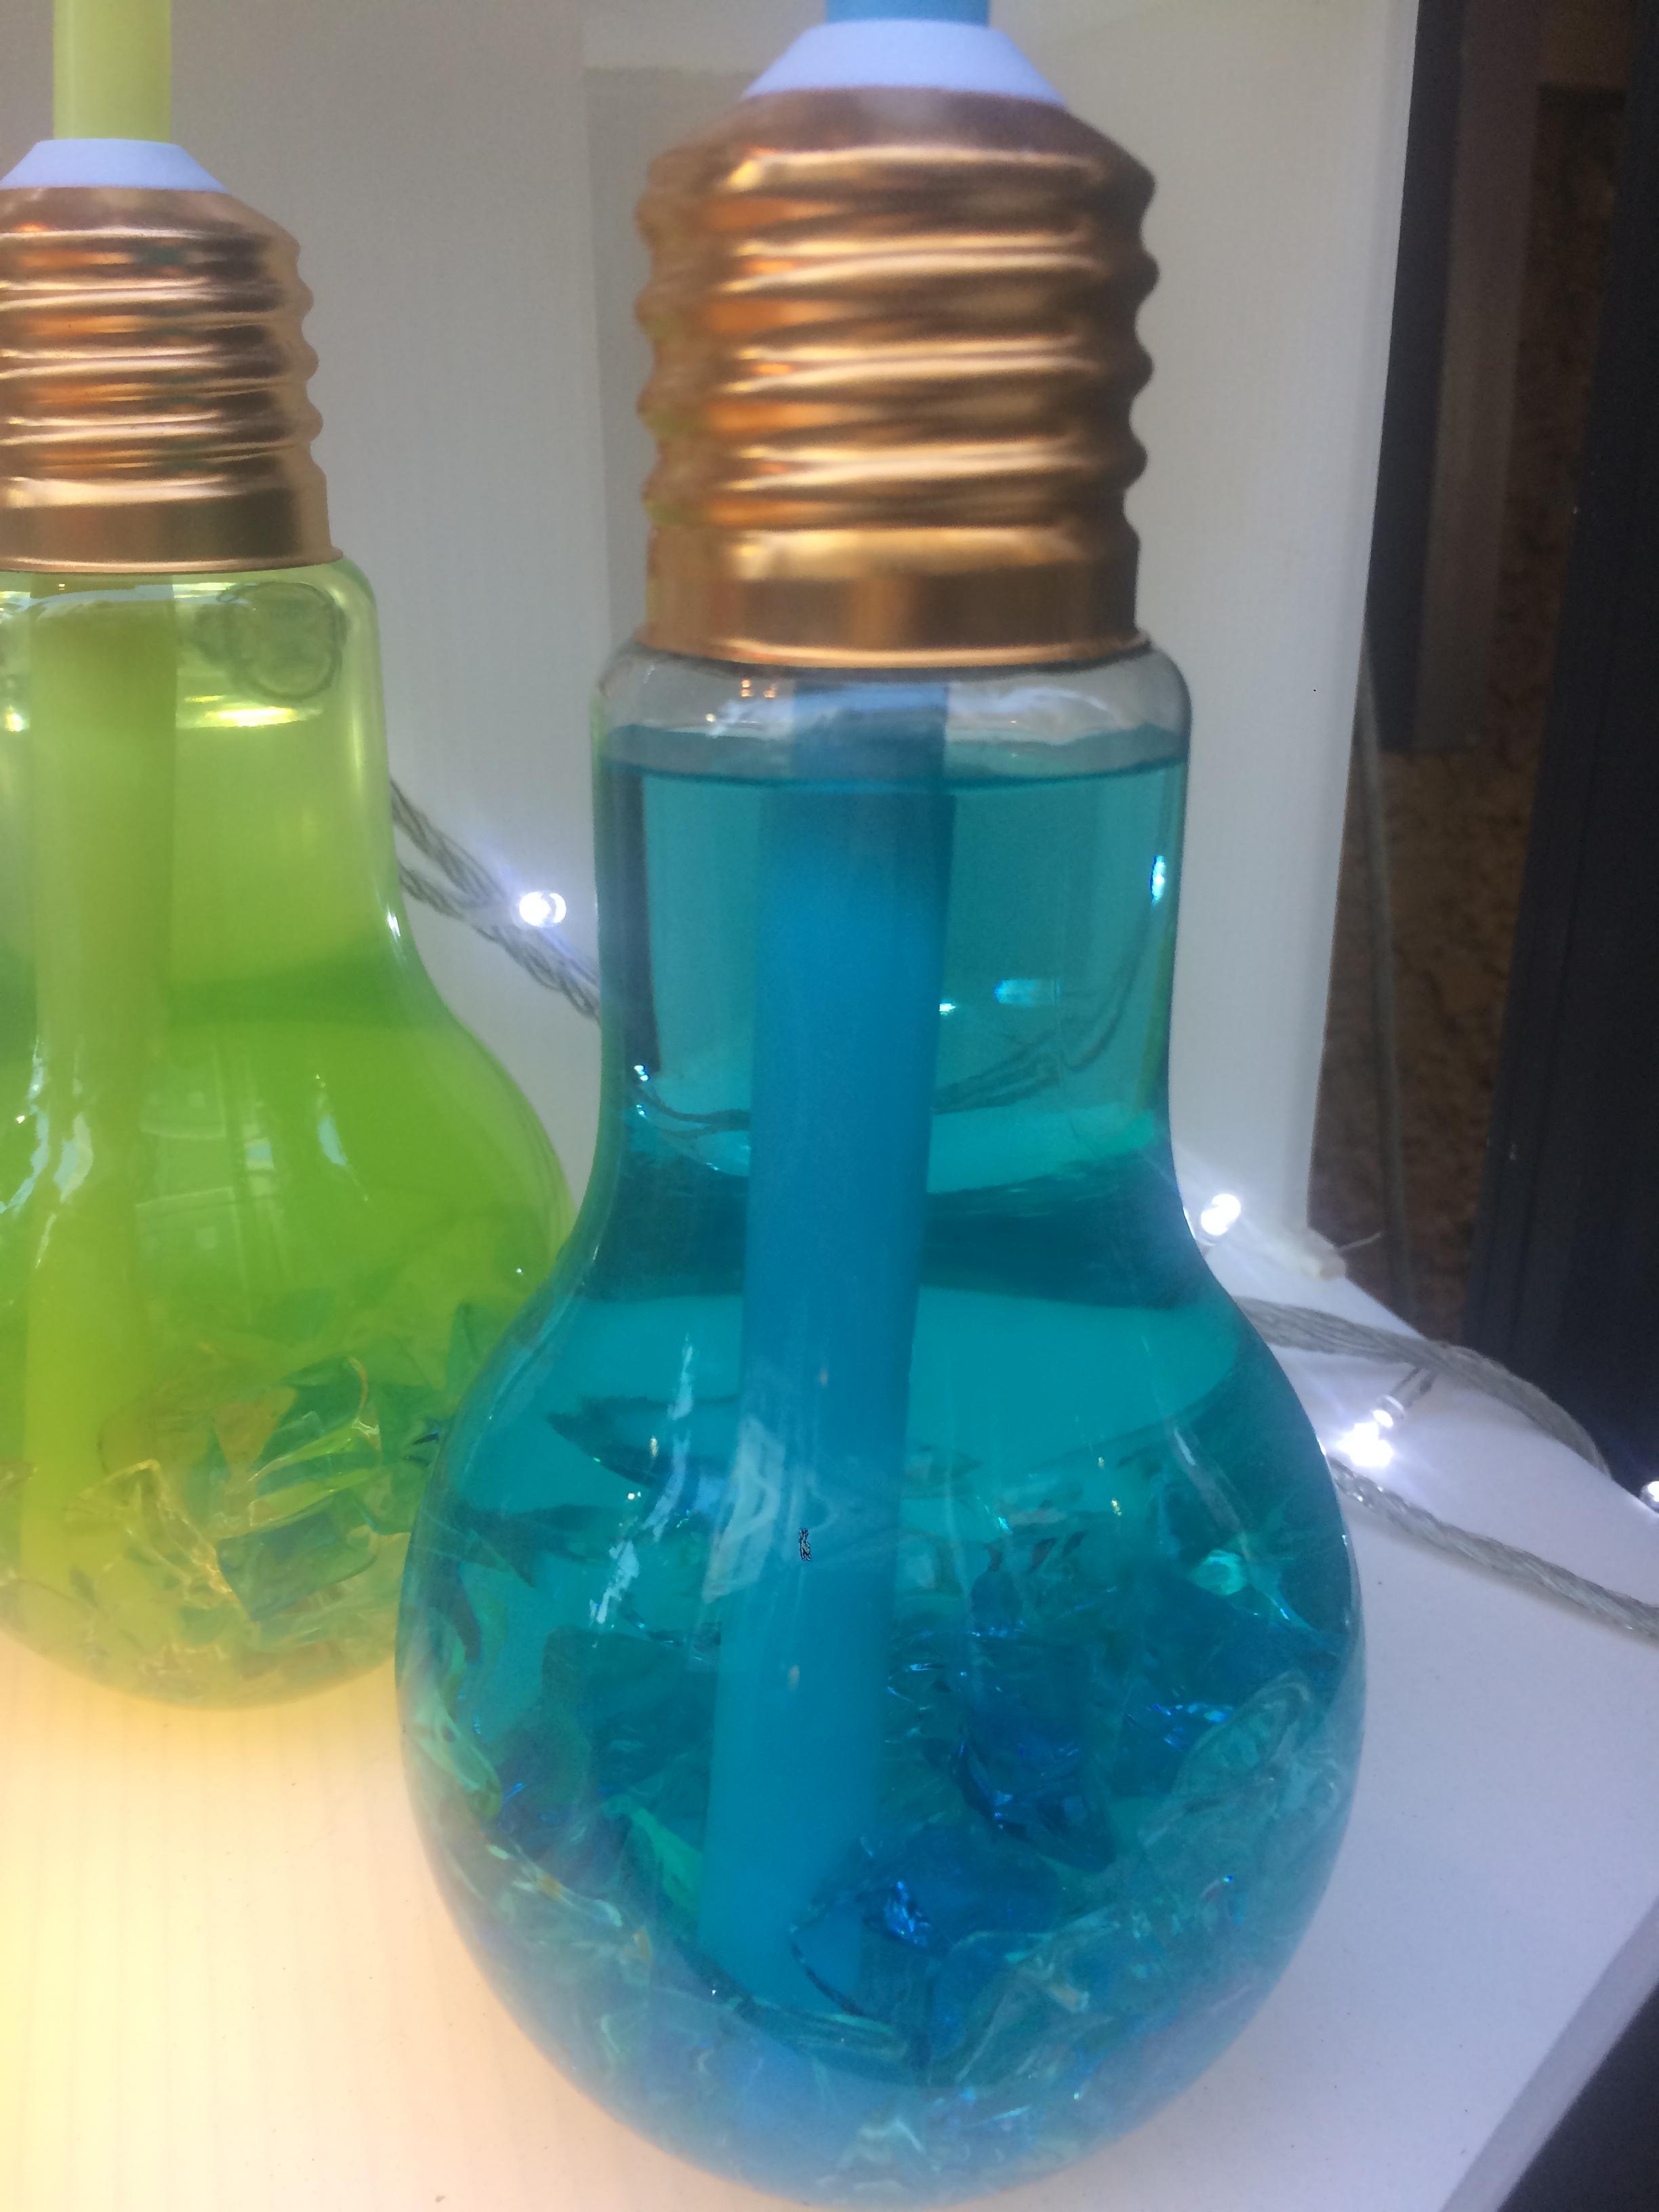 【画像有】お祭りで売ってる電球のジュースwwwwwwwww